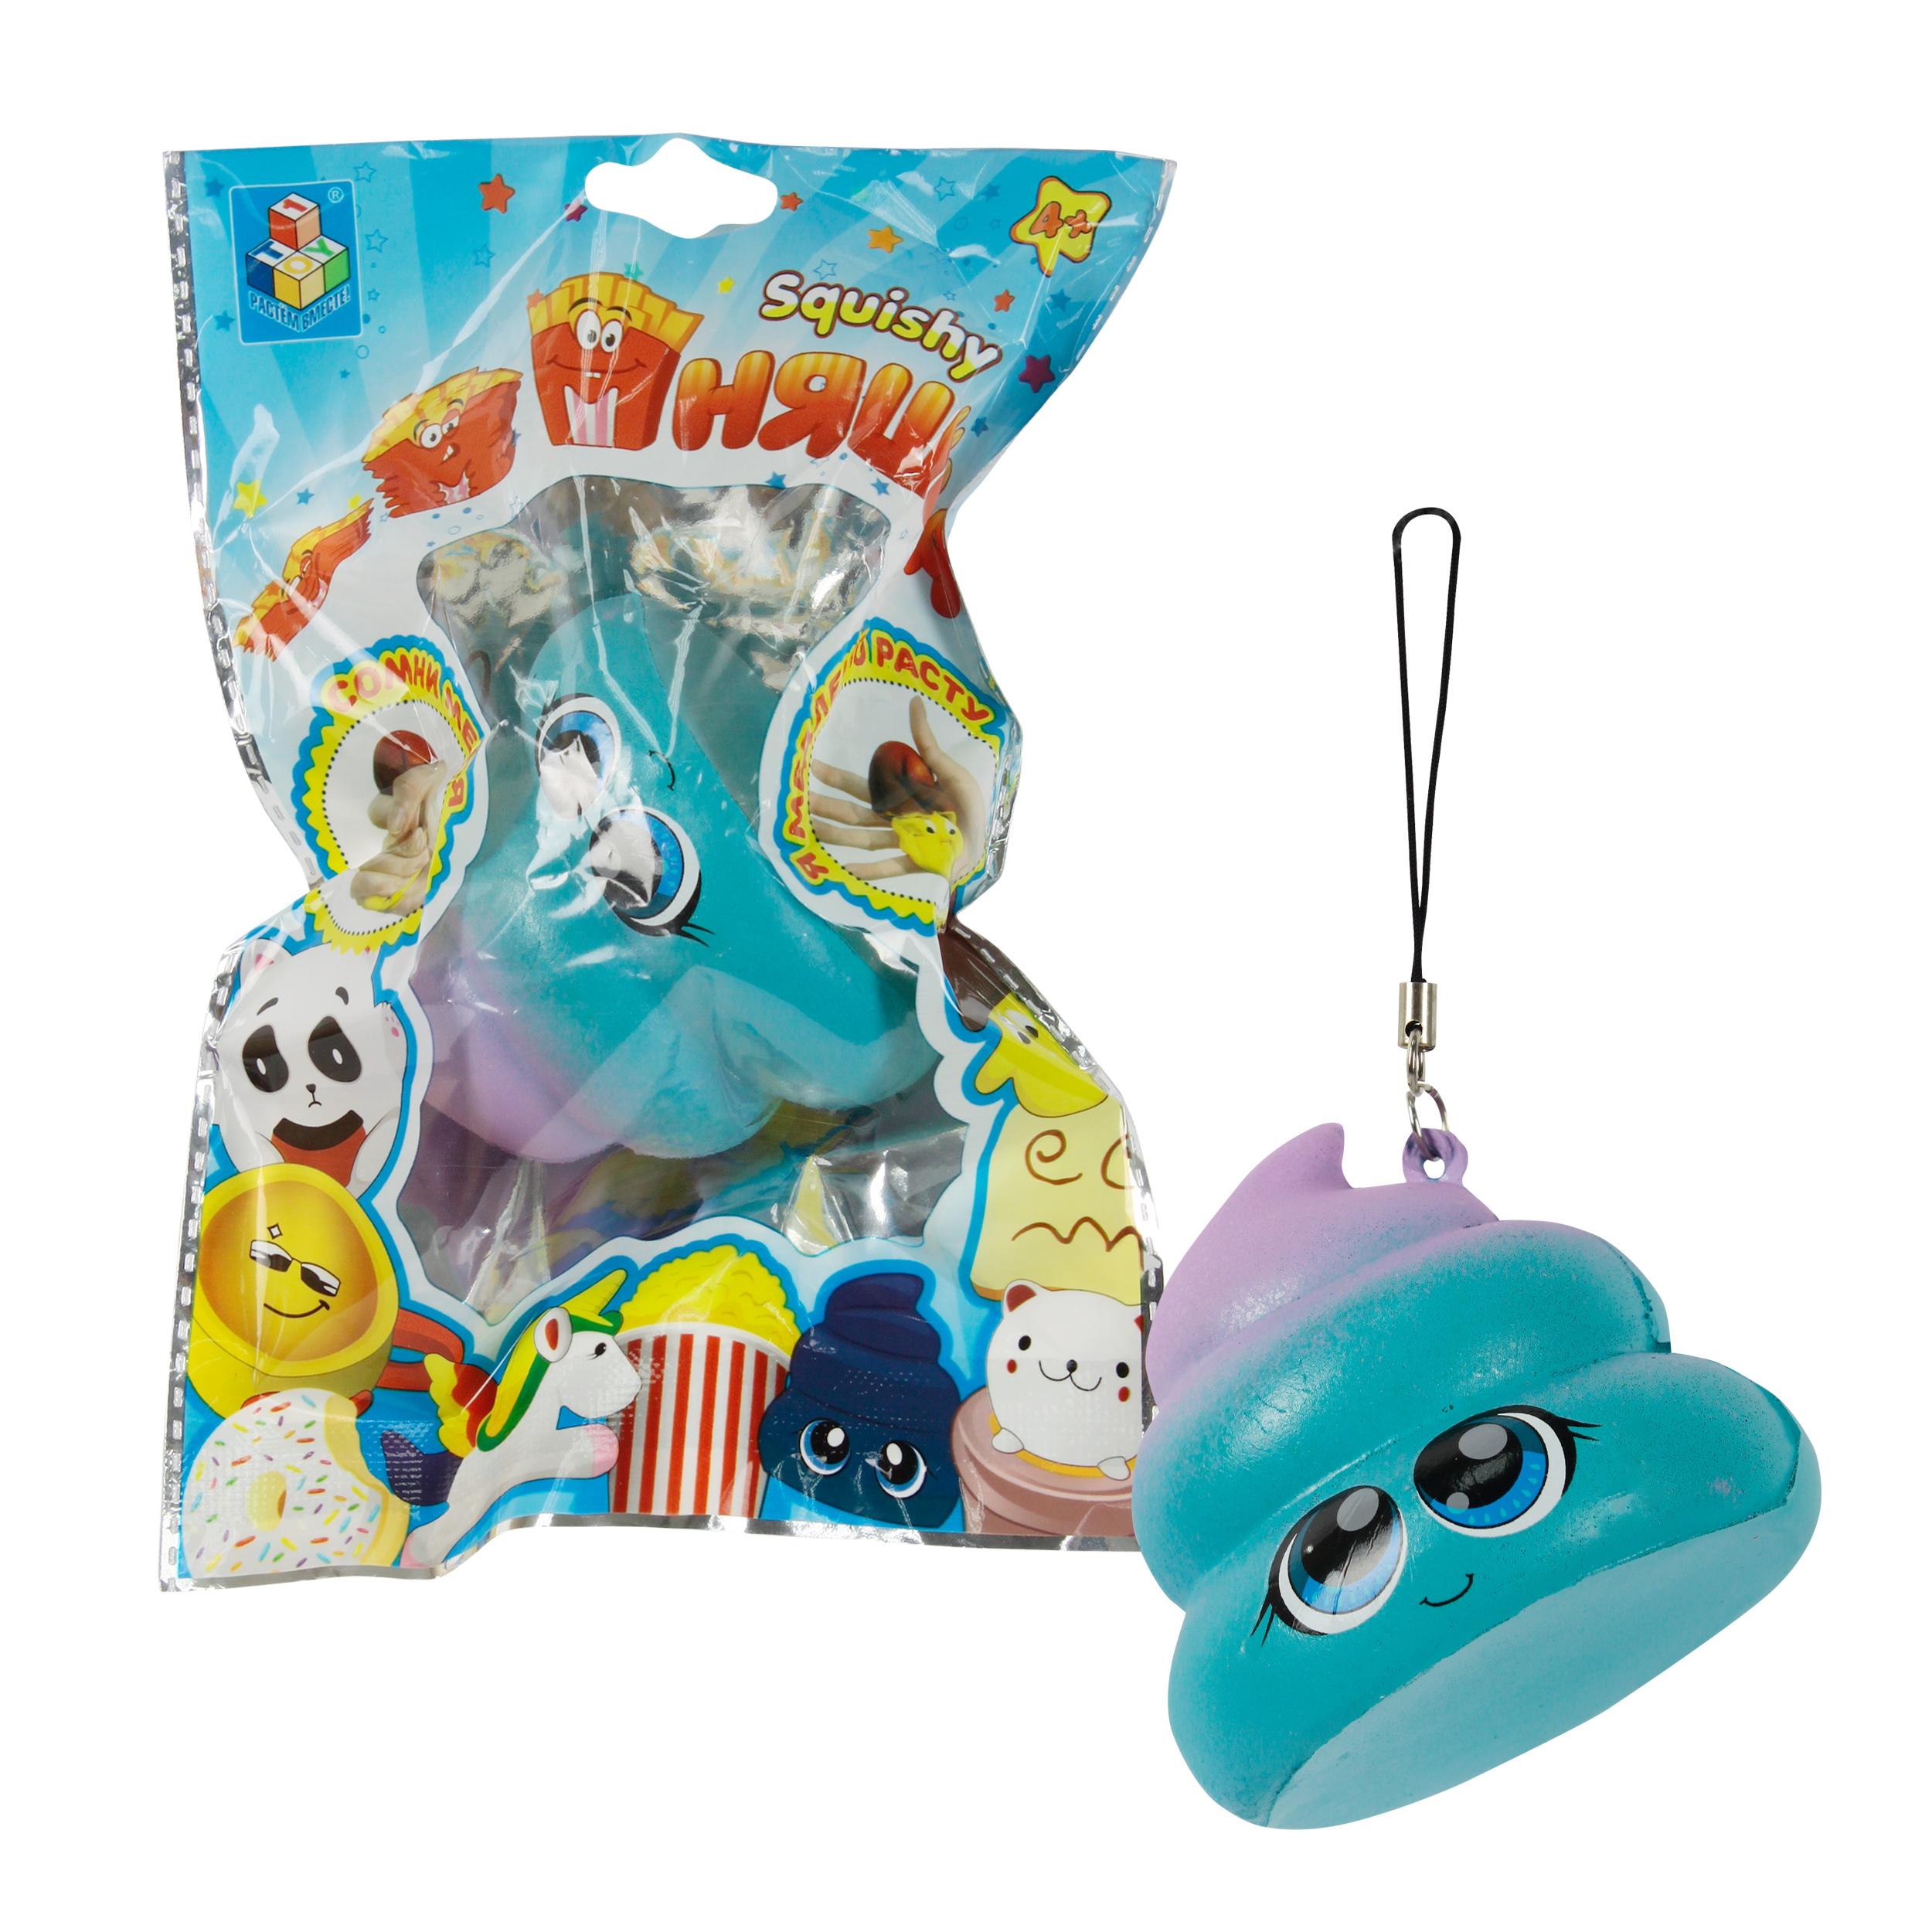 Игрушки-антистресс 1toy Игрушка-антистресс 1Toy «Мммняшка squishy: Разноцветный какашик» гидравлический бутылочный домкрат тор 1052